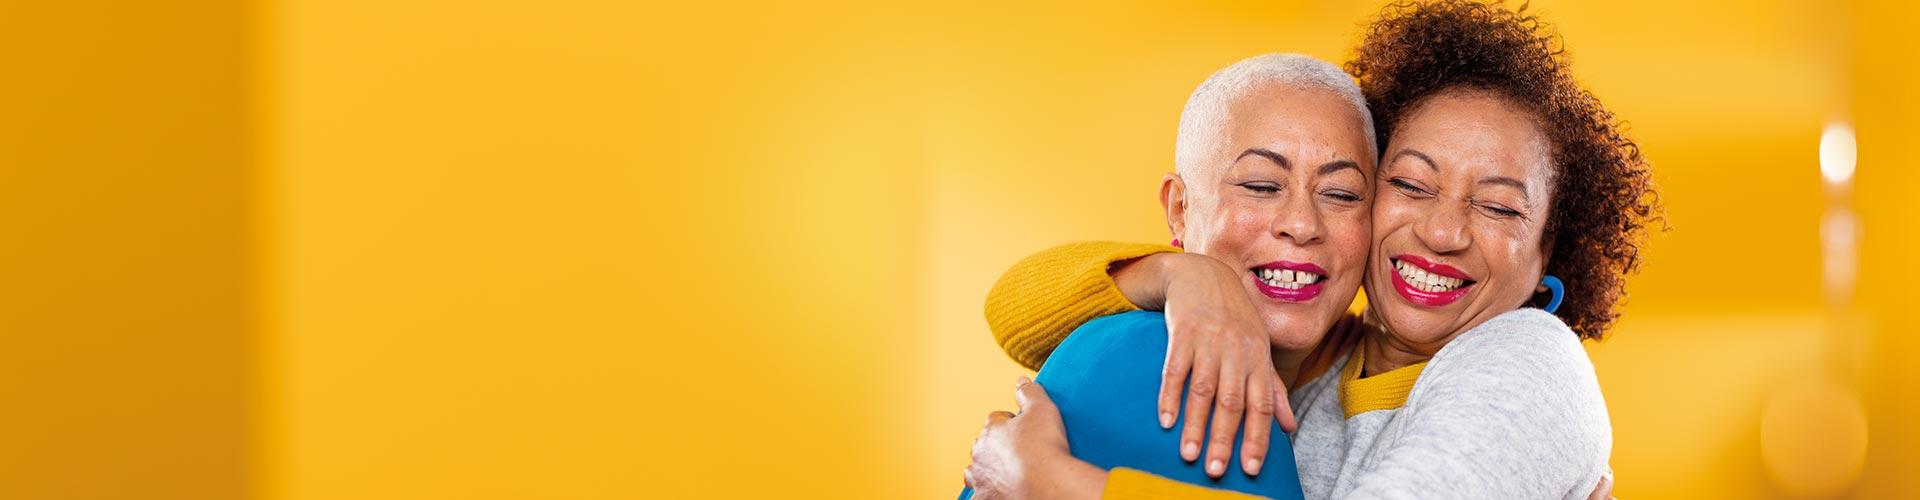 抱擁しあう2人の女性。1人はPhilips HearLinkの耳かけ型補聴器を装用。